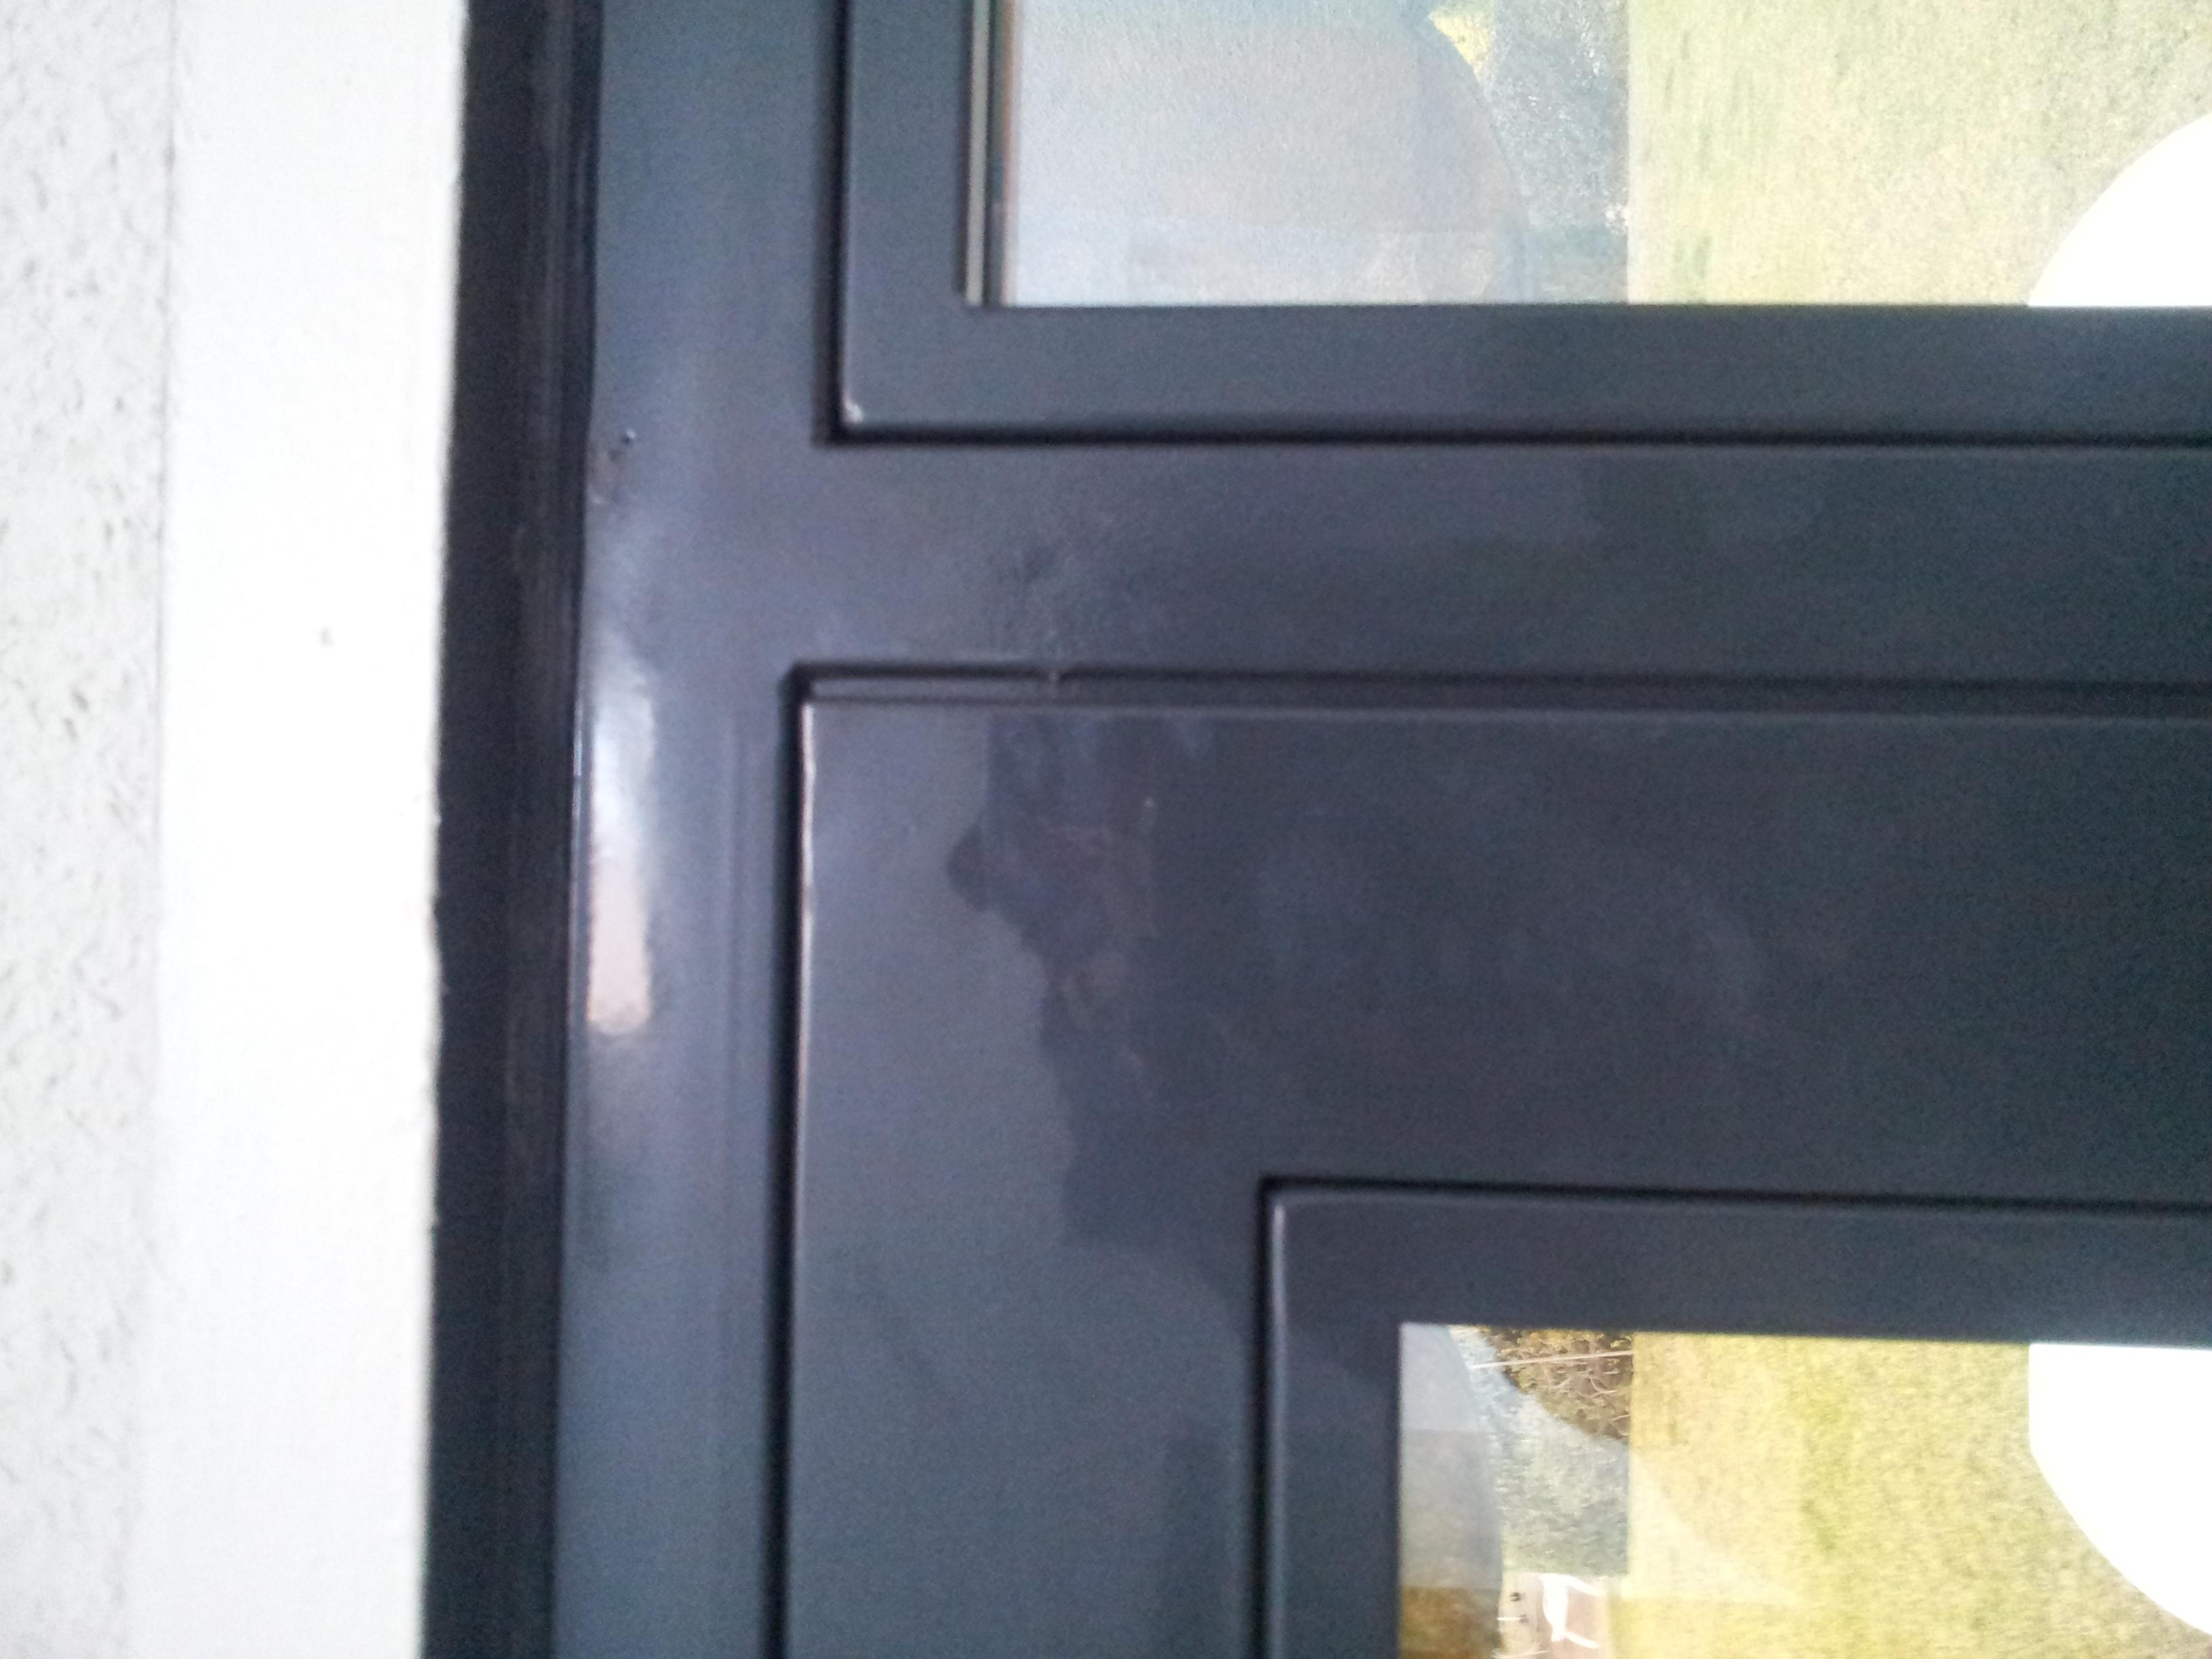 Puerta entrada a vivienda hermetica for Puerta entrada vivienda